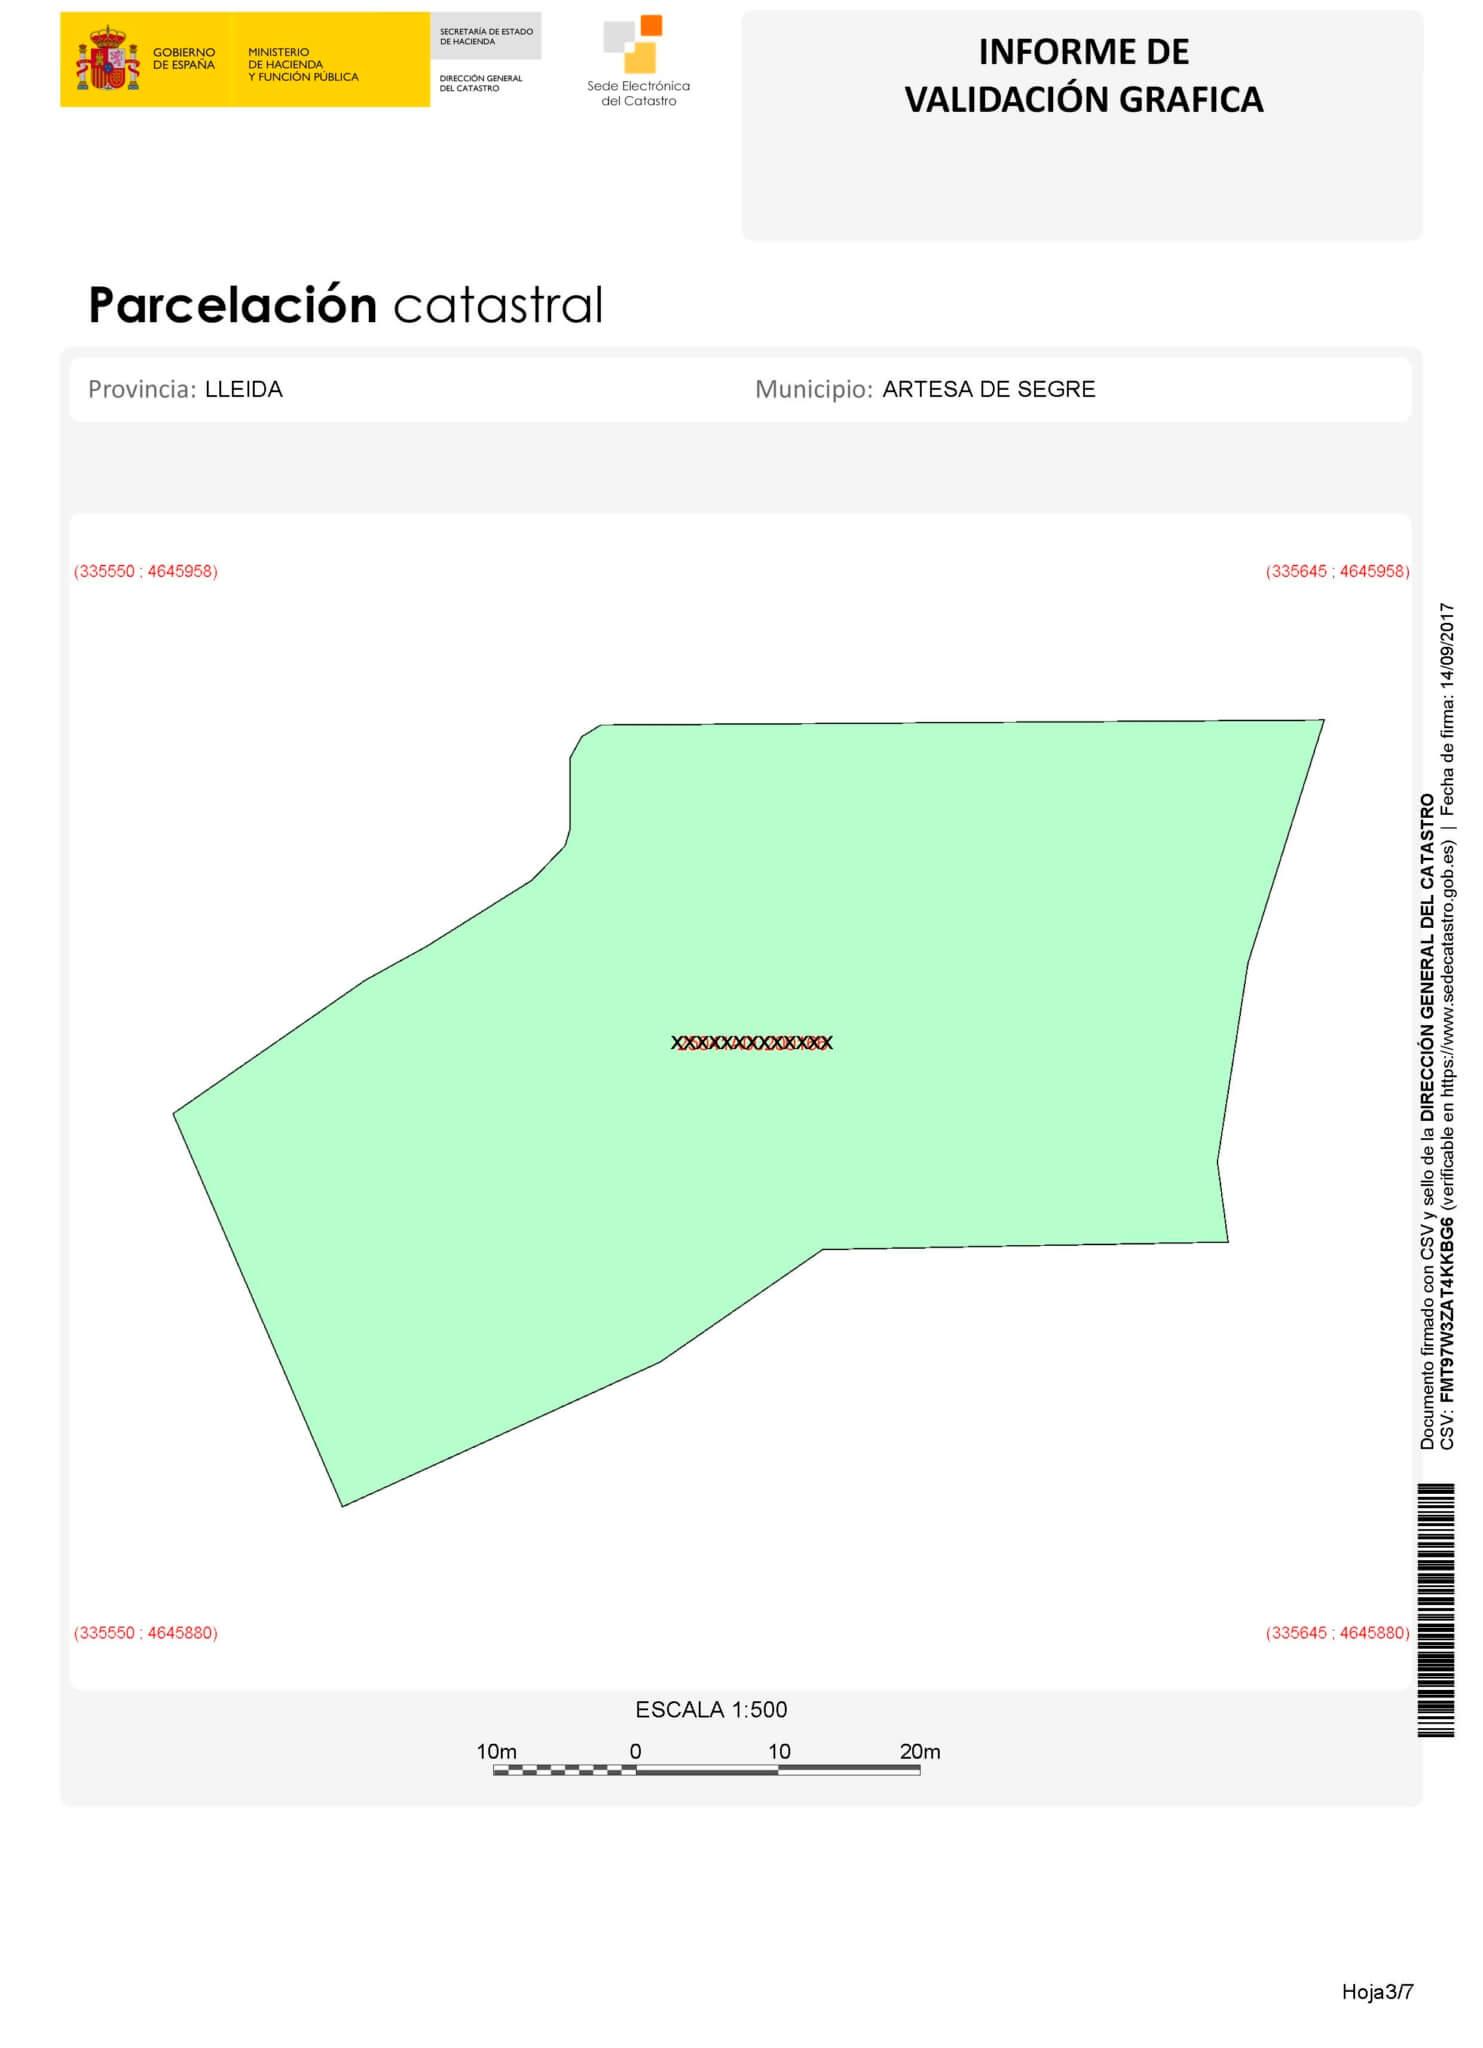 INFORME-COORDENADAS-GEORREFERENCIADAS_Página_3